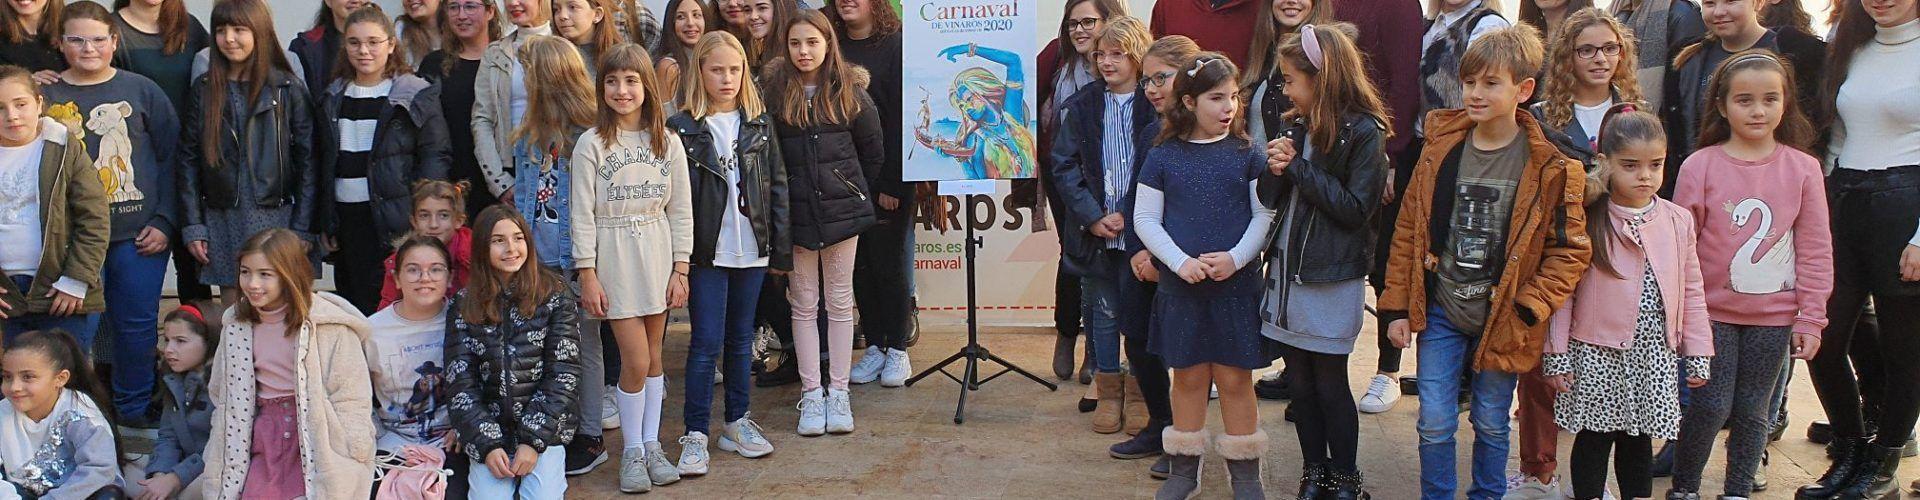 Vinaròs crea un concurso de escaparates de Carnaval para involucrar más al comercio con las fiestas